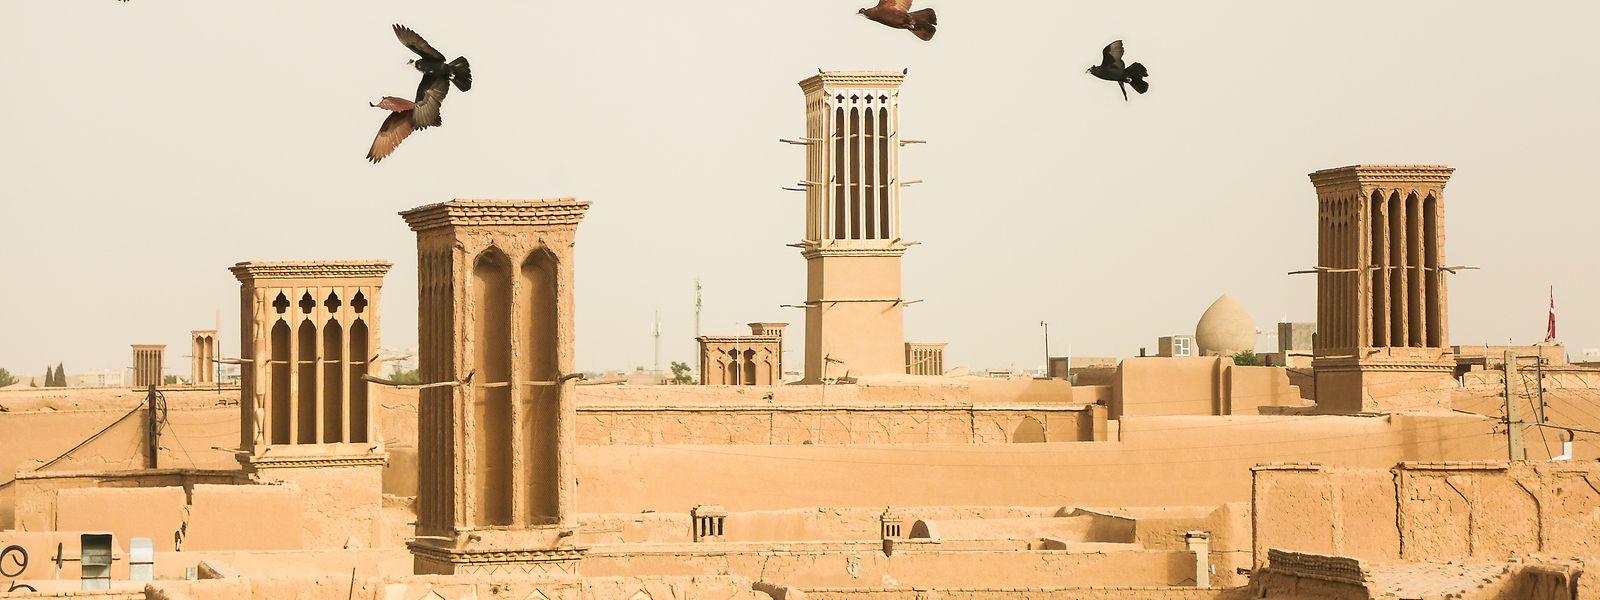 Die iranische Stadt Yazd ist ein beliebtes Touristenziel.